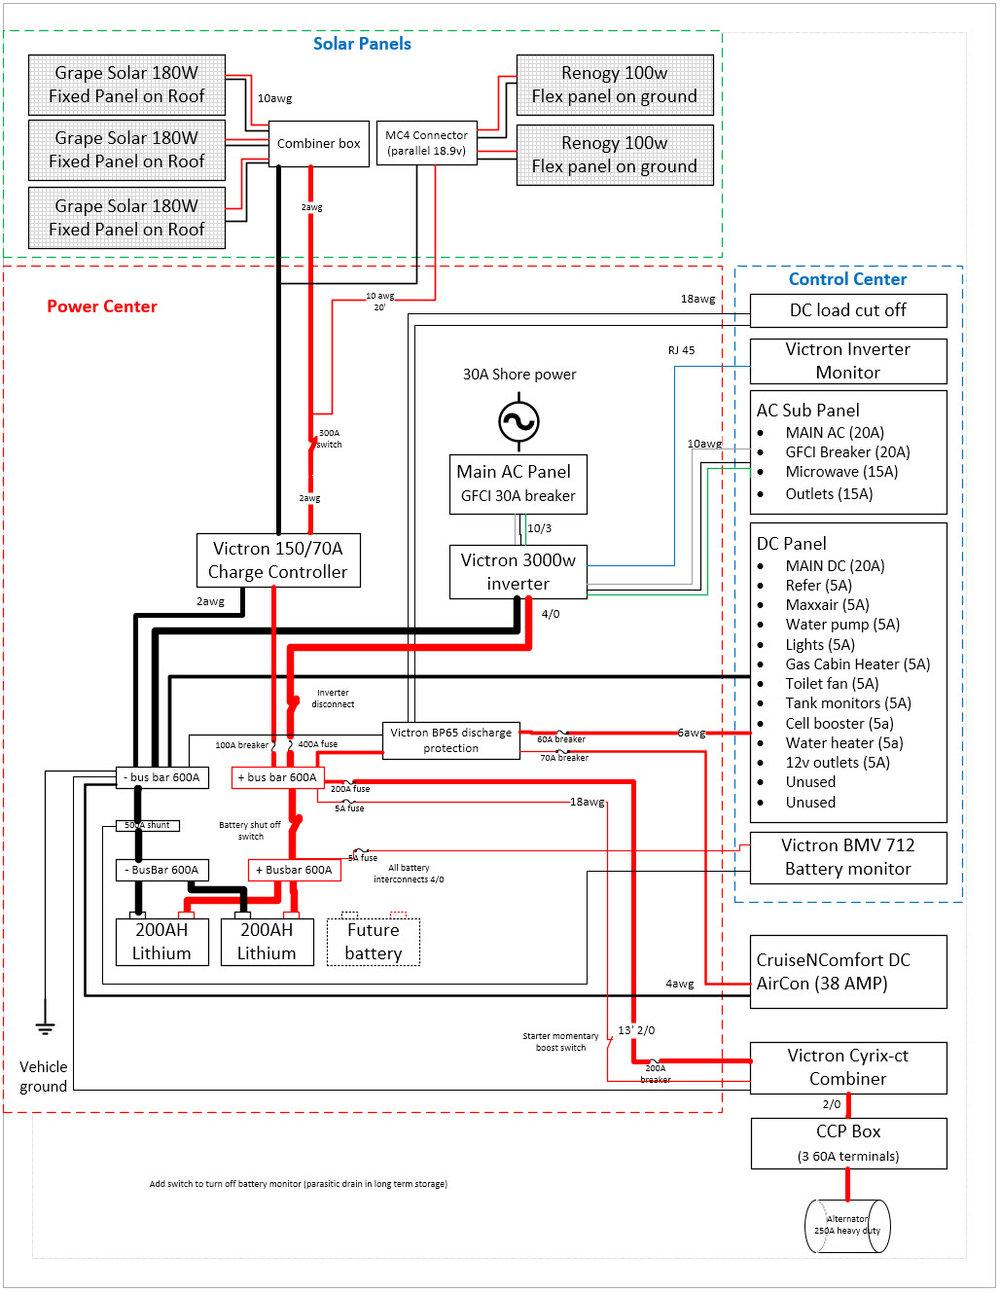 electrical-diagram.jpg